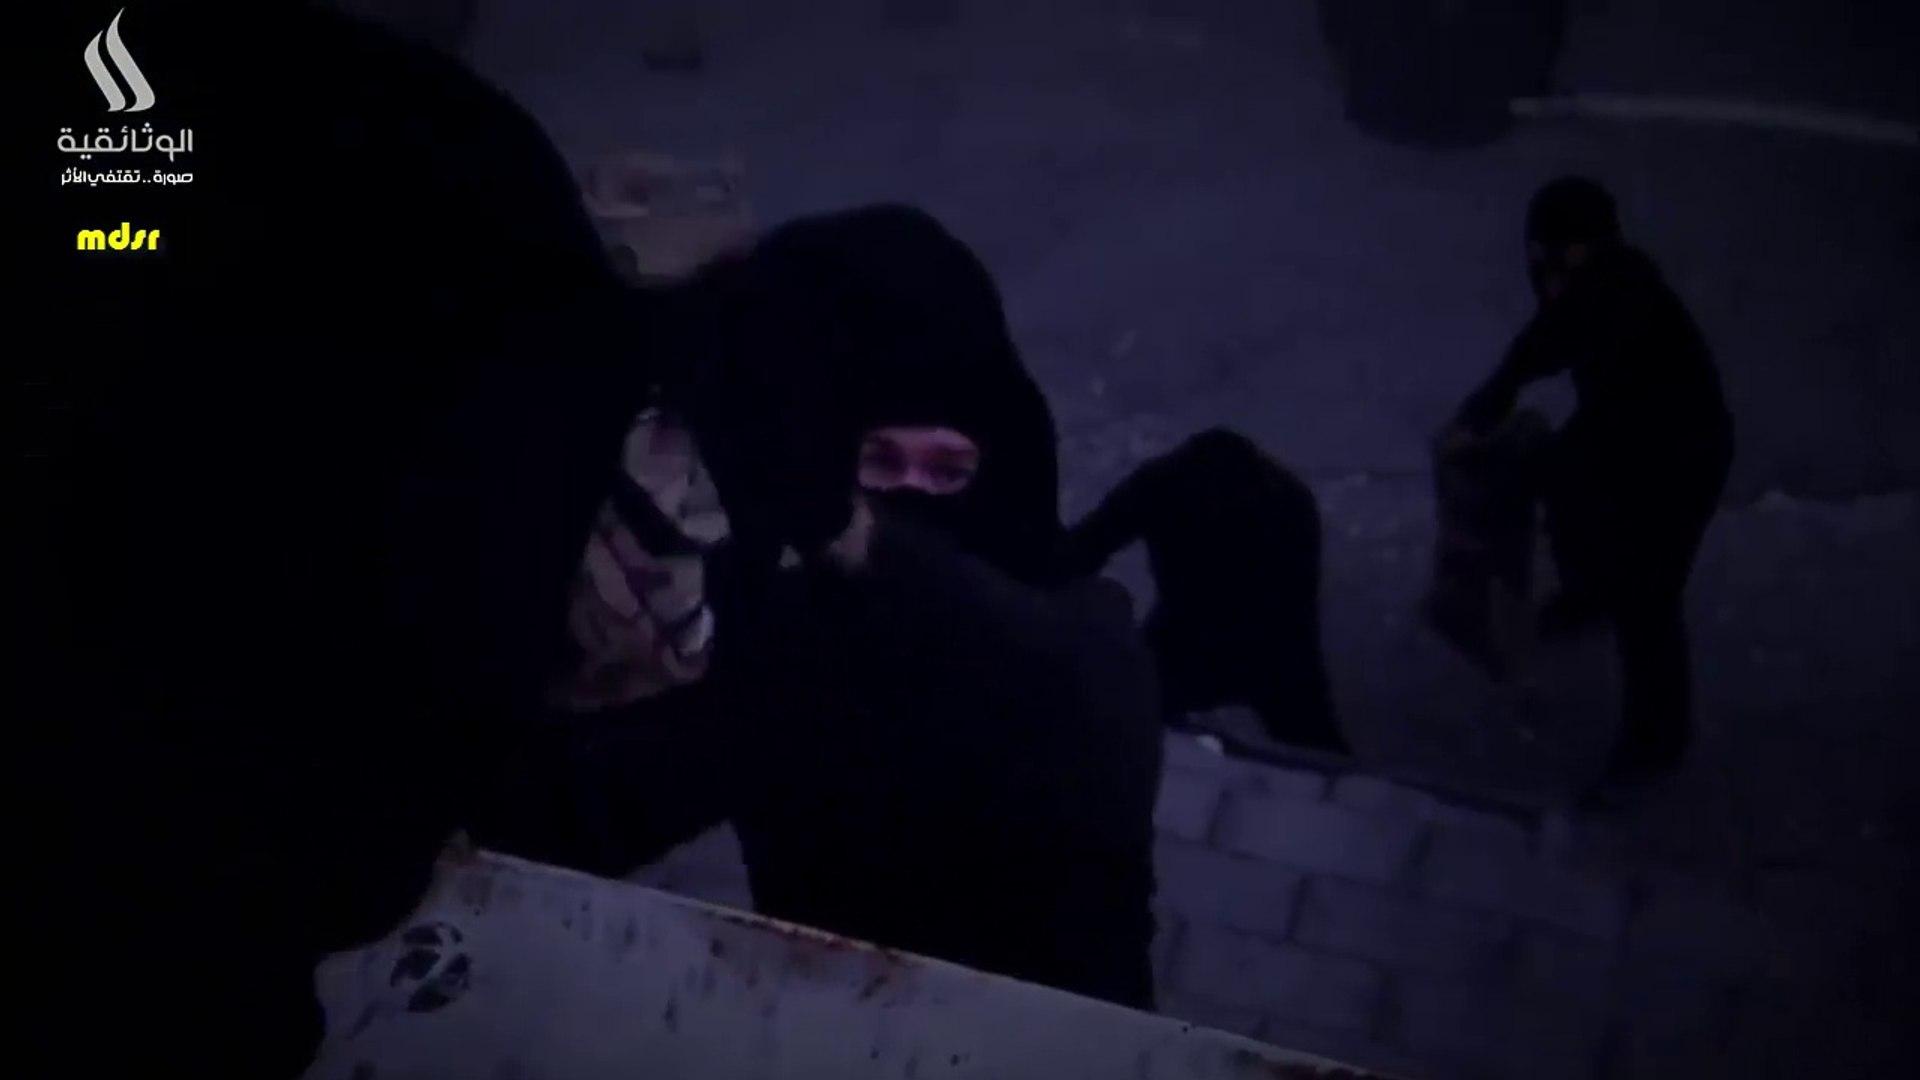   وثائقي - سرقات كبرى - برامج تلفزيونية Quest عربية